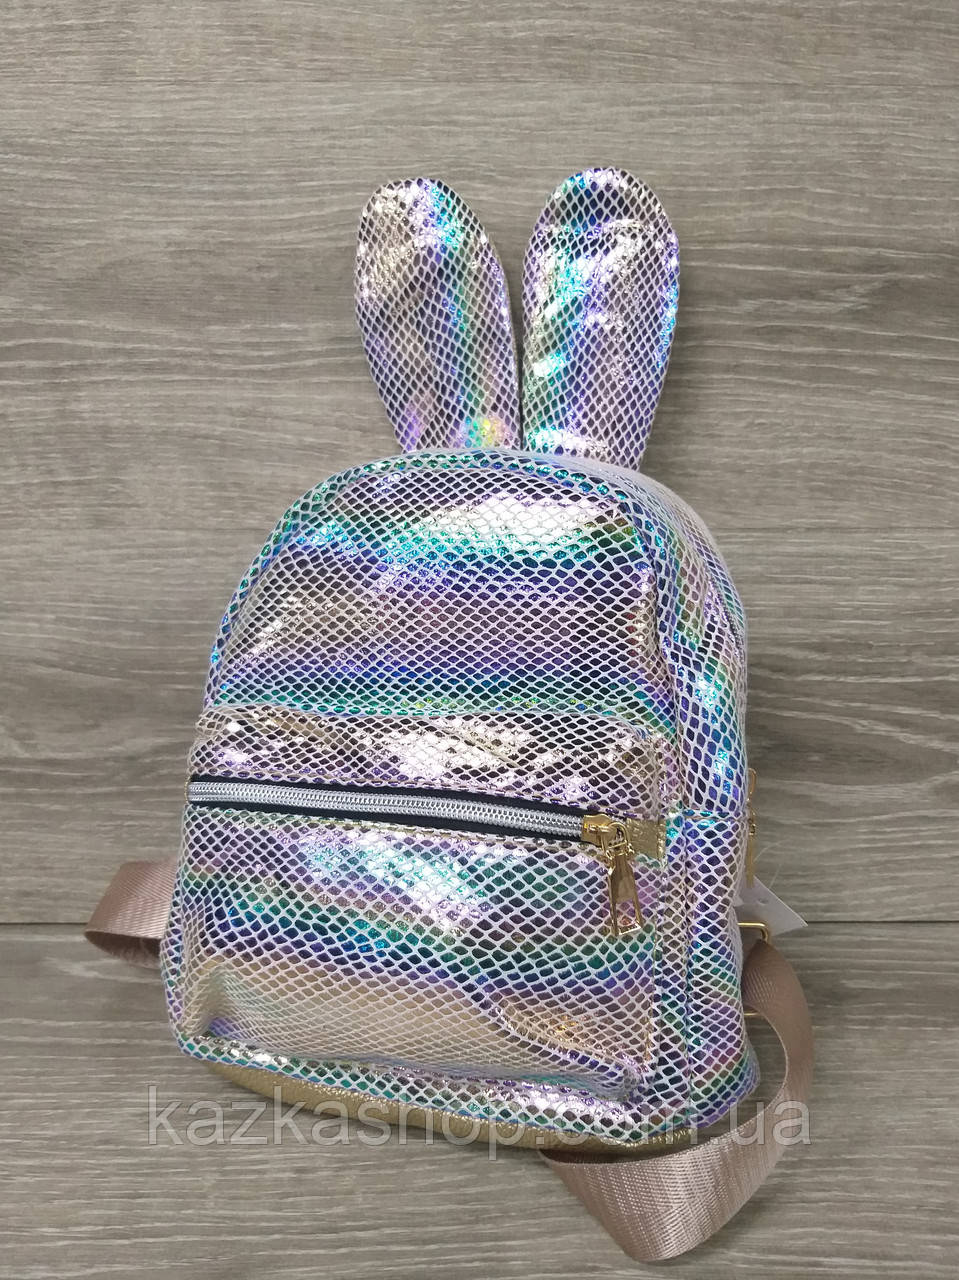 Детский рюкзак с ушками из искусственной кожи и лазерной обработкой, производство Китай